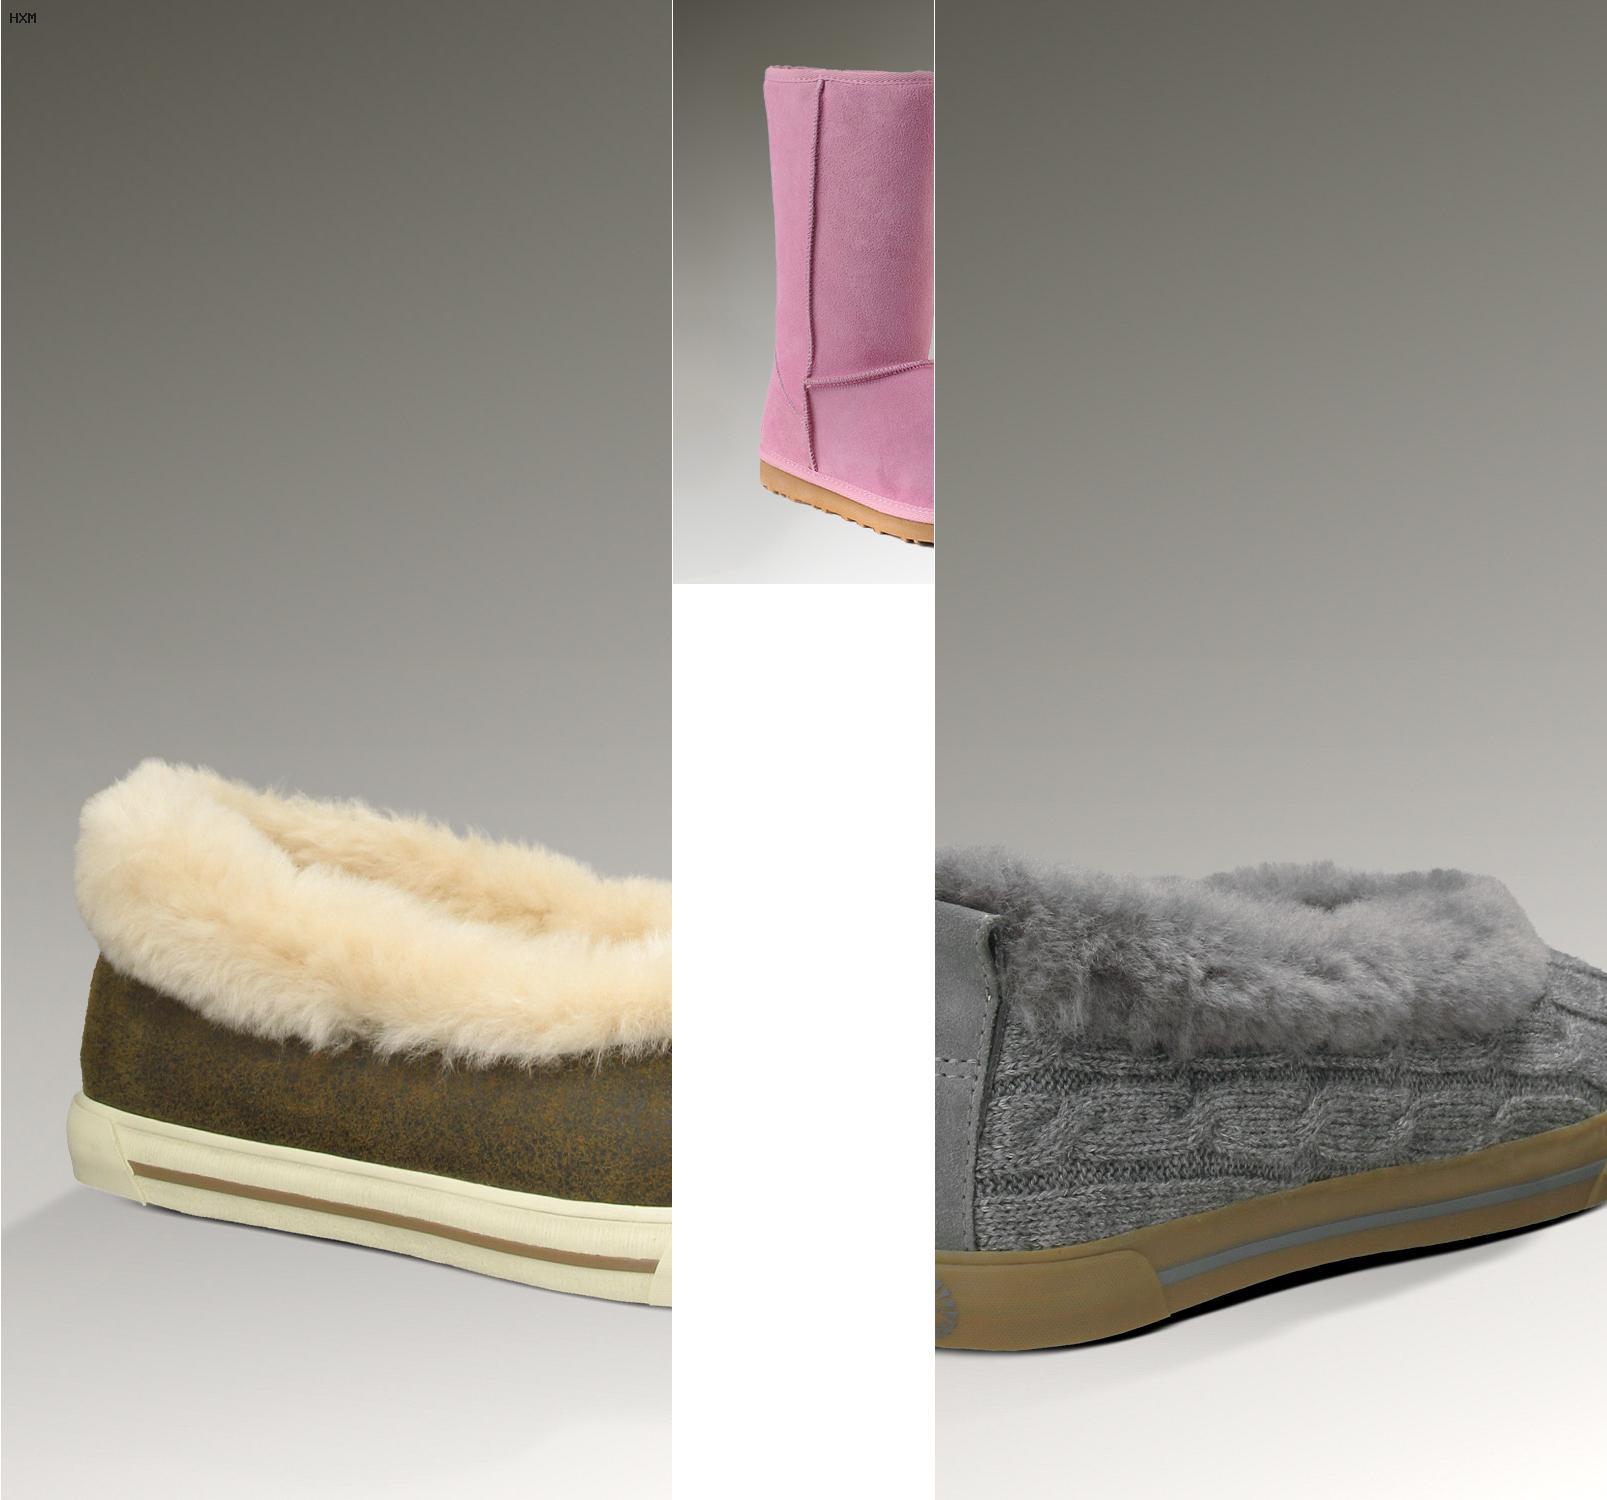 scarpe tipo ugg per bambini